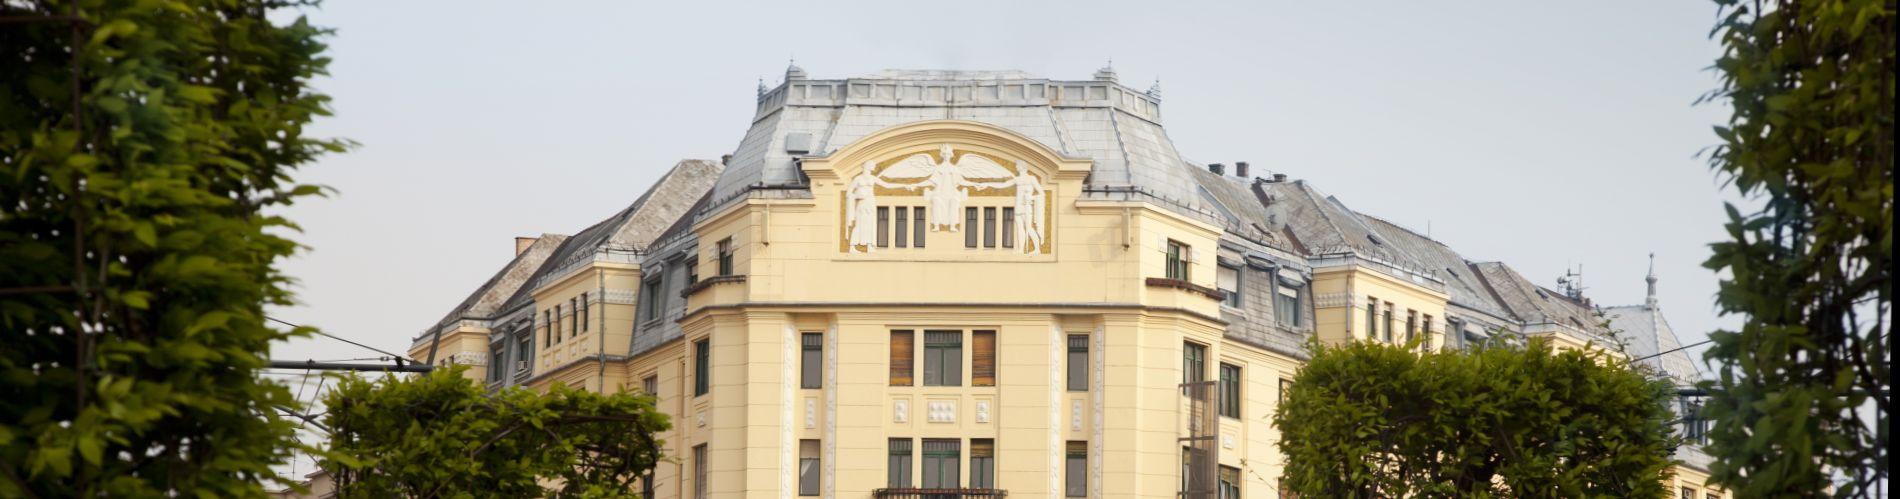 Babilon Nyelvstúdió Budapest Károly körút 3/a